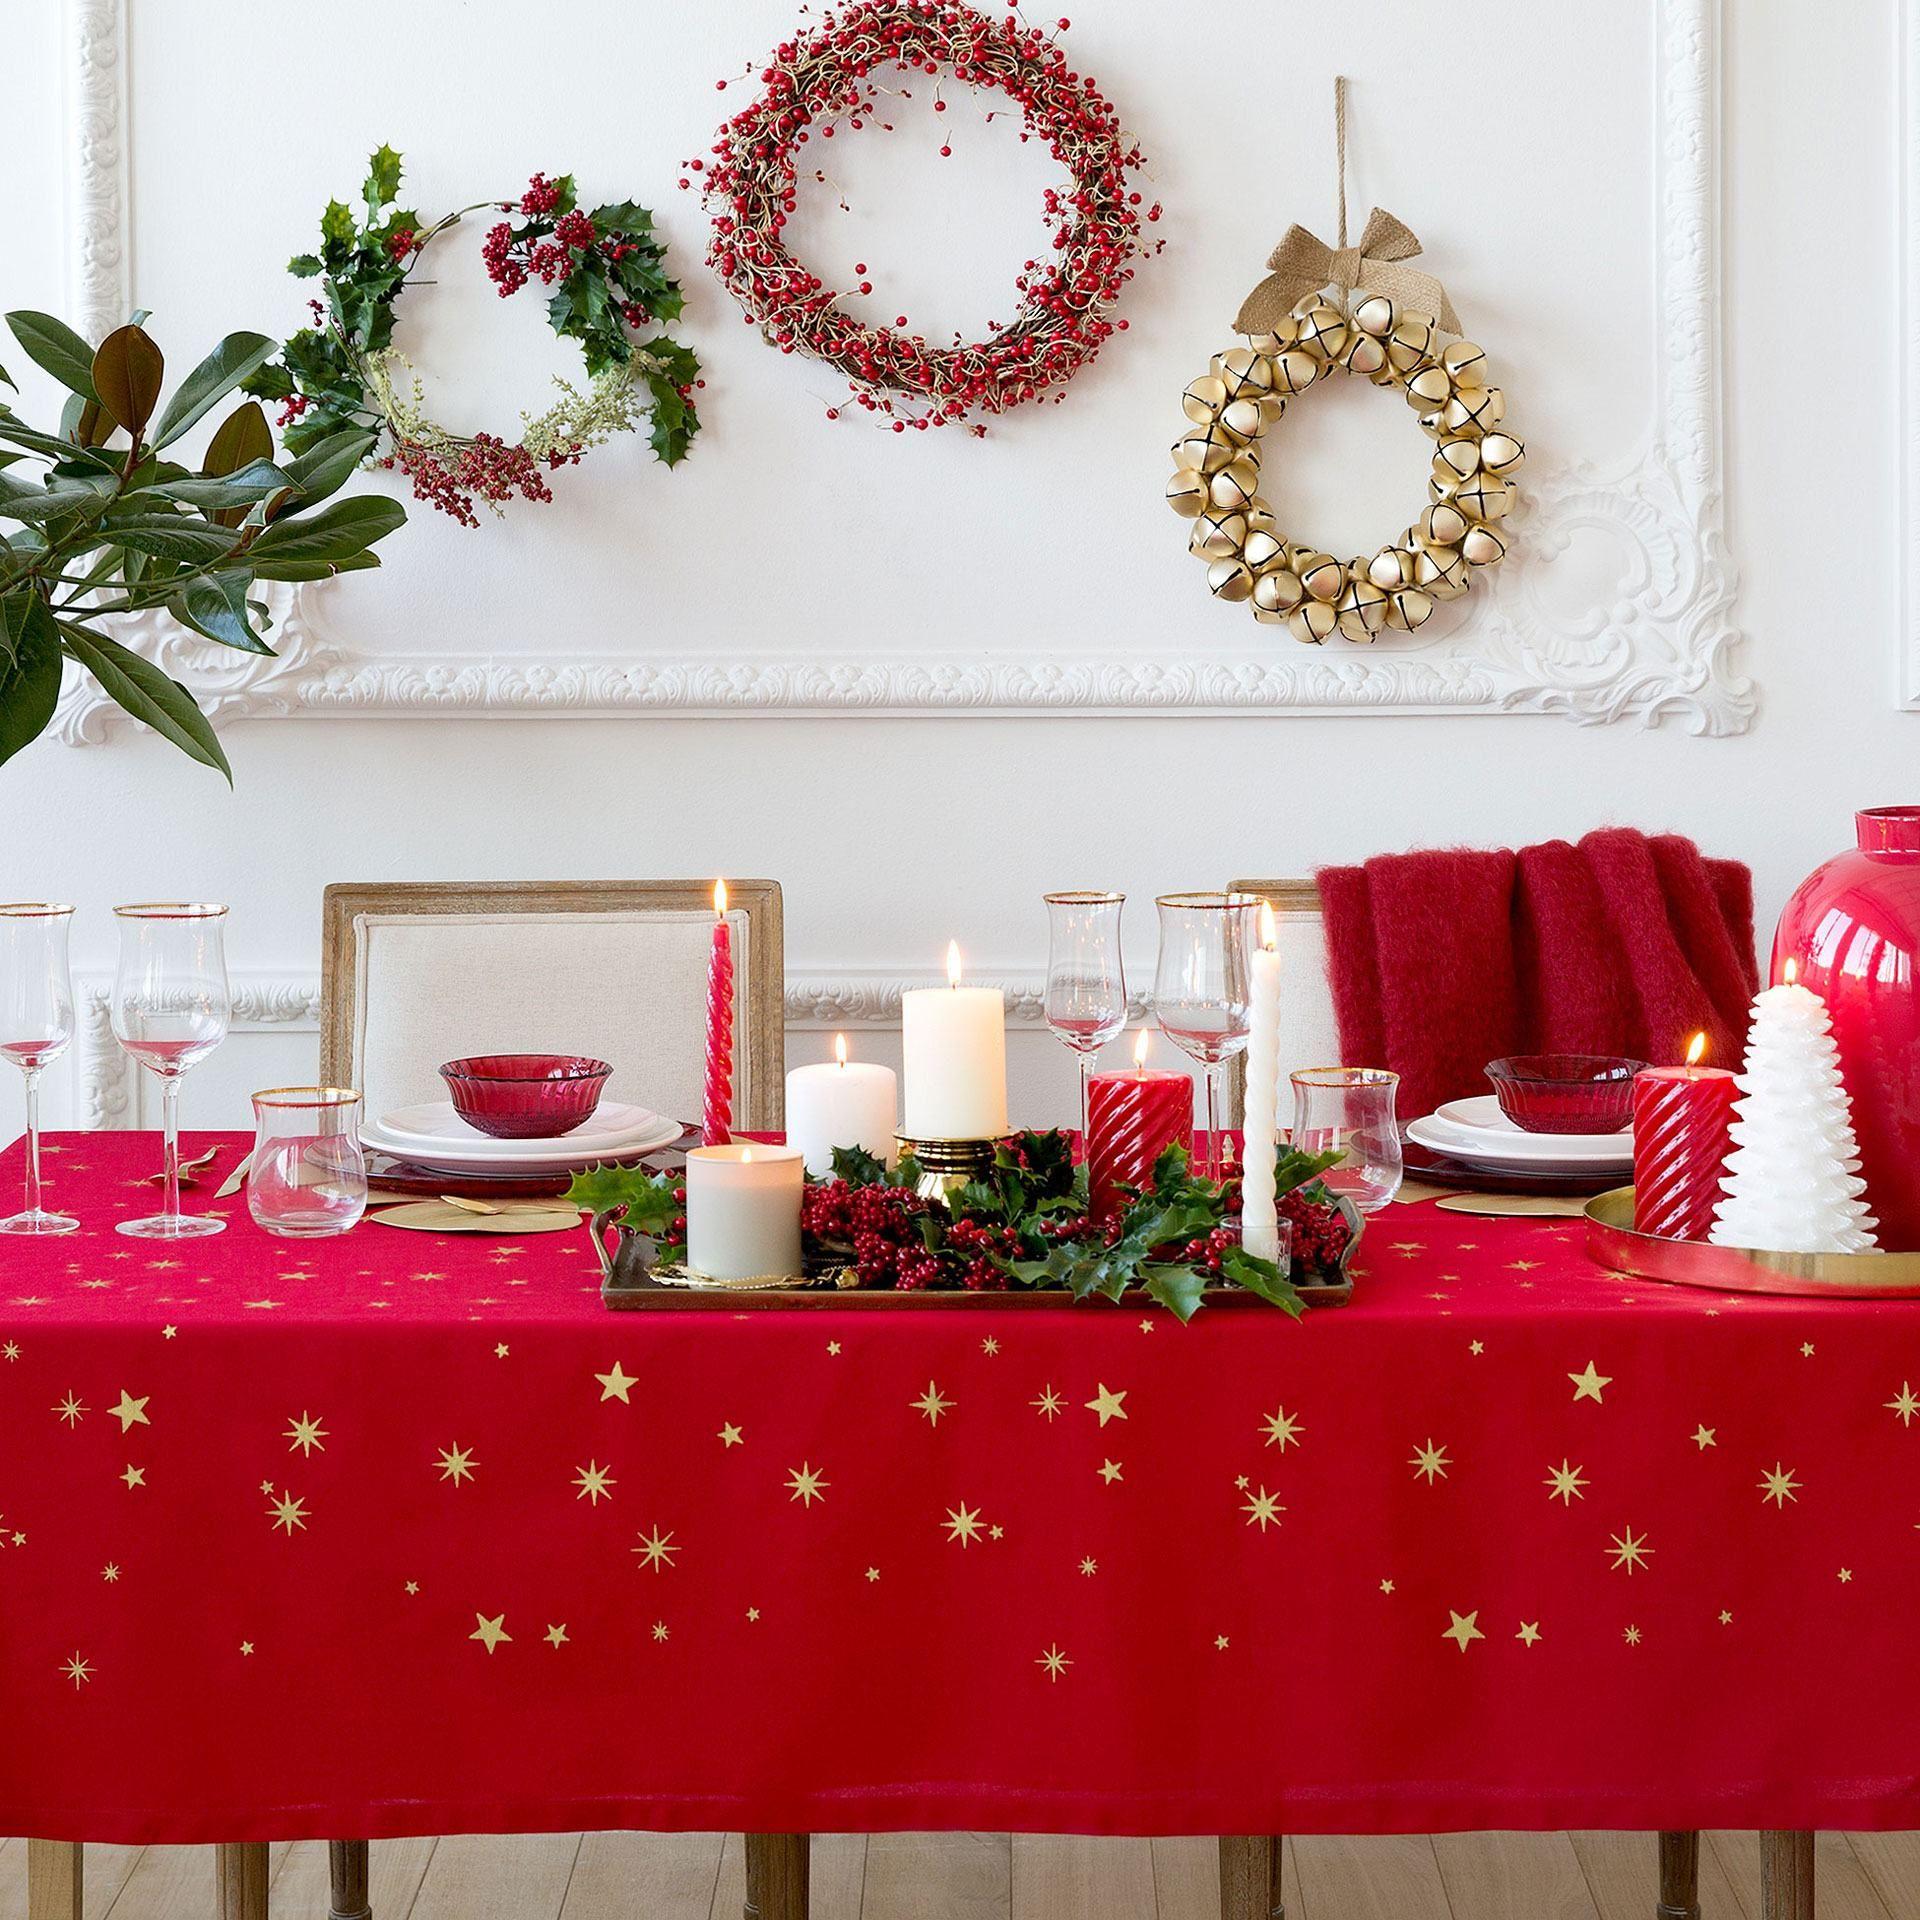 catalogo-zara-home-navidad-2016-decoracion-mesa-rojo-verde-estrellas ...